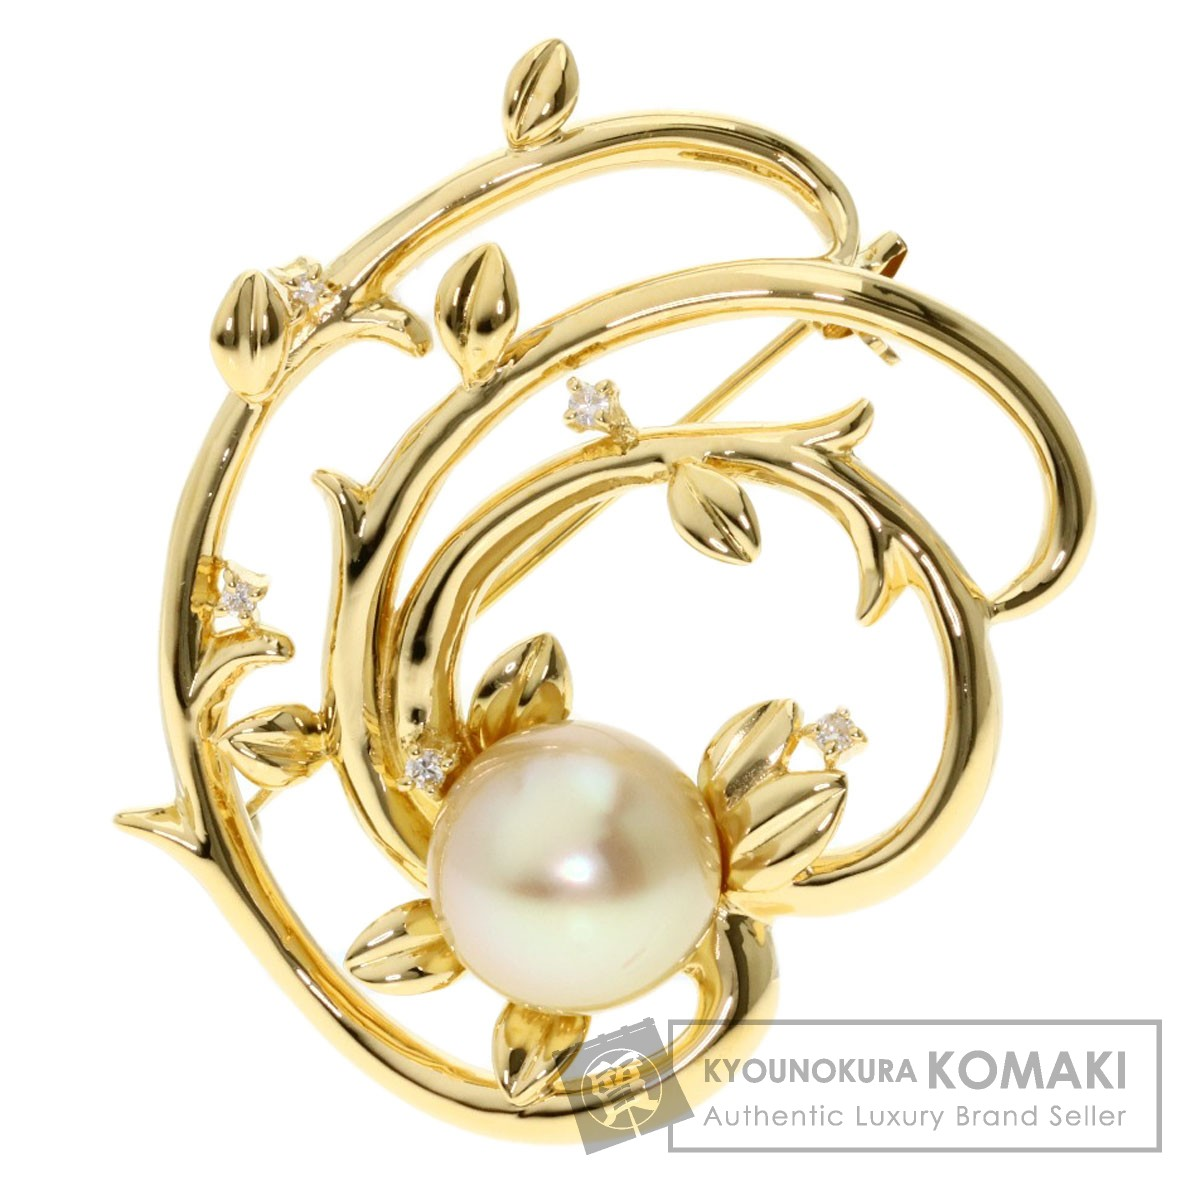 タサキ パール 真珠 ダイヤモンド ブローチ K18イエローゴールド レディース 【中古】【TASAKI】